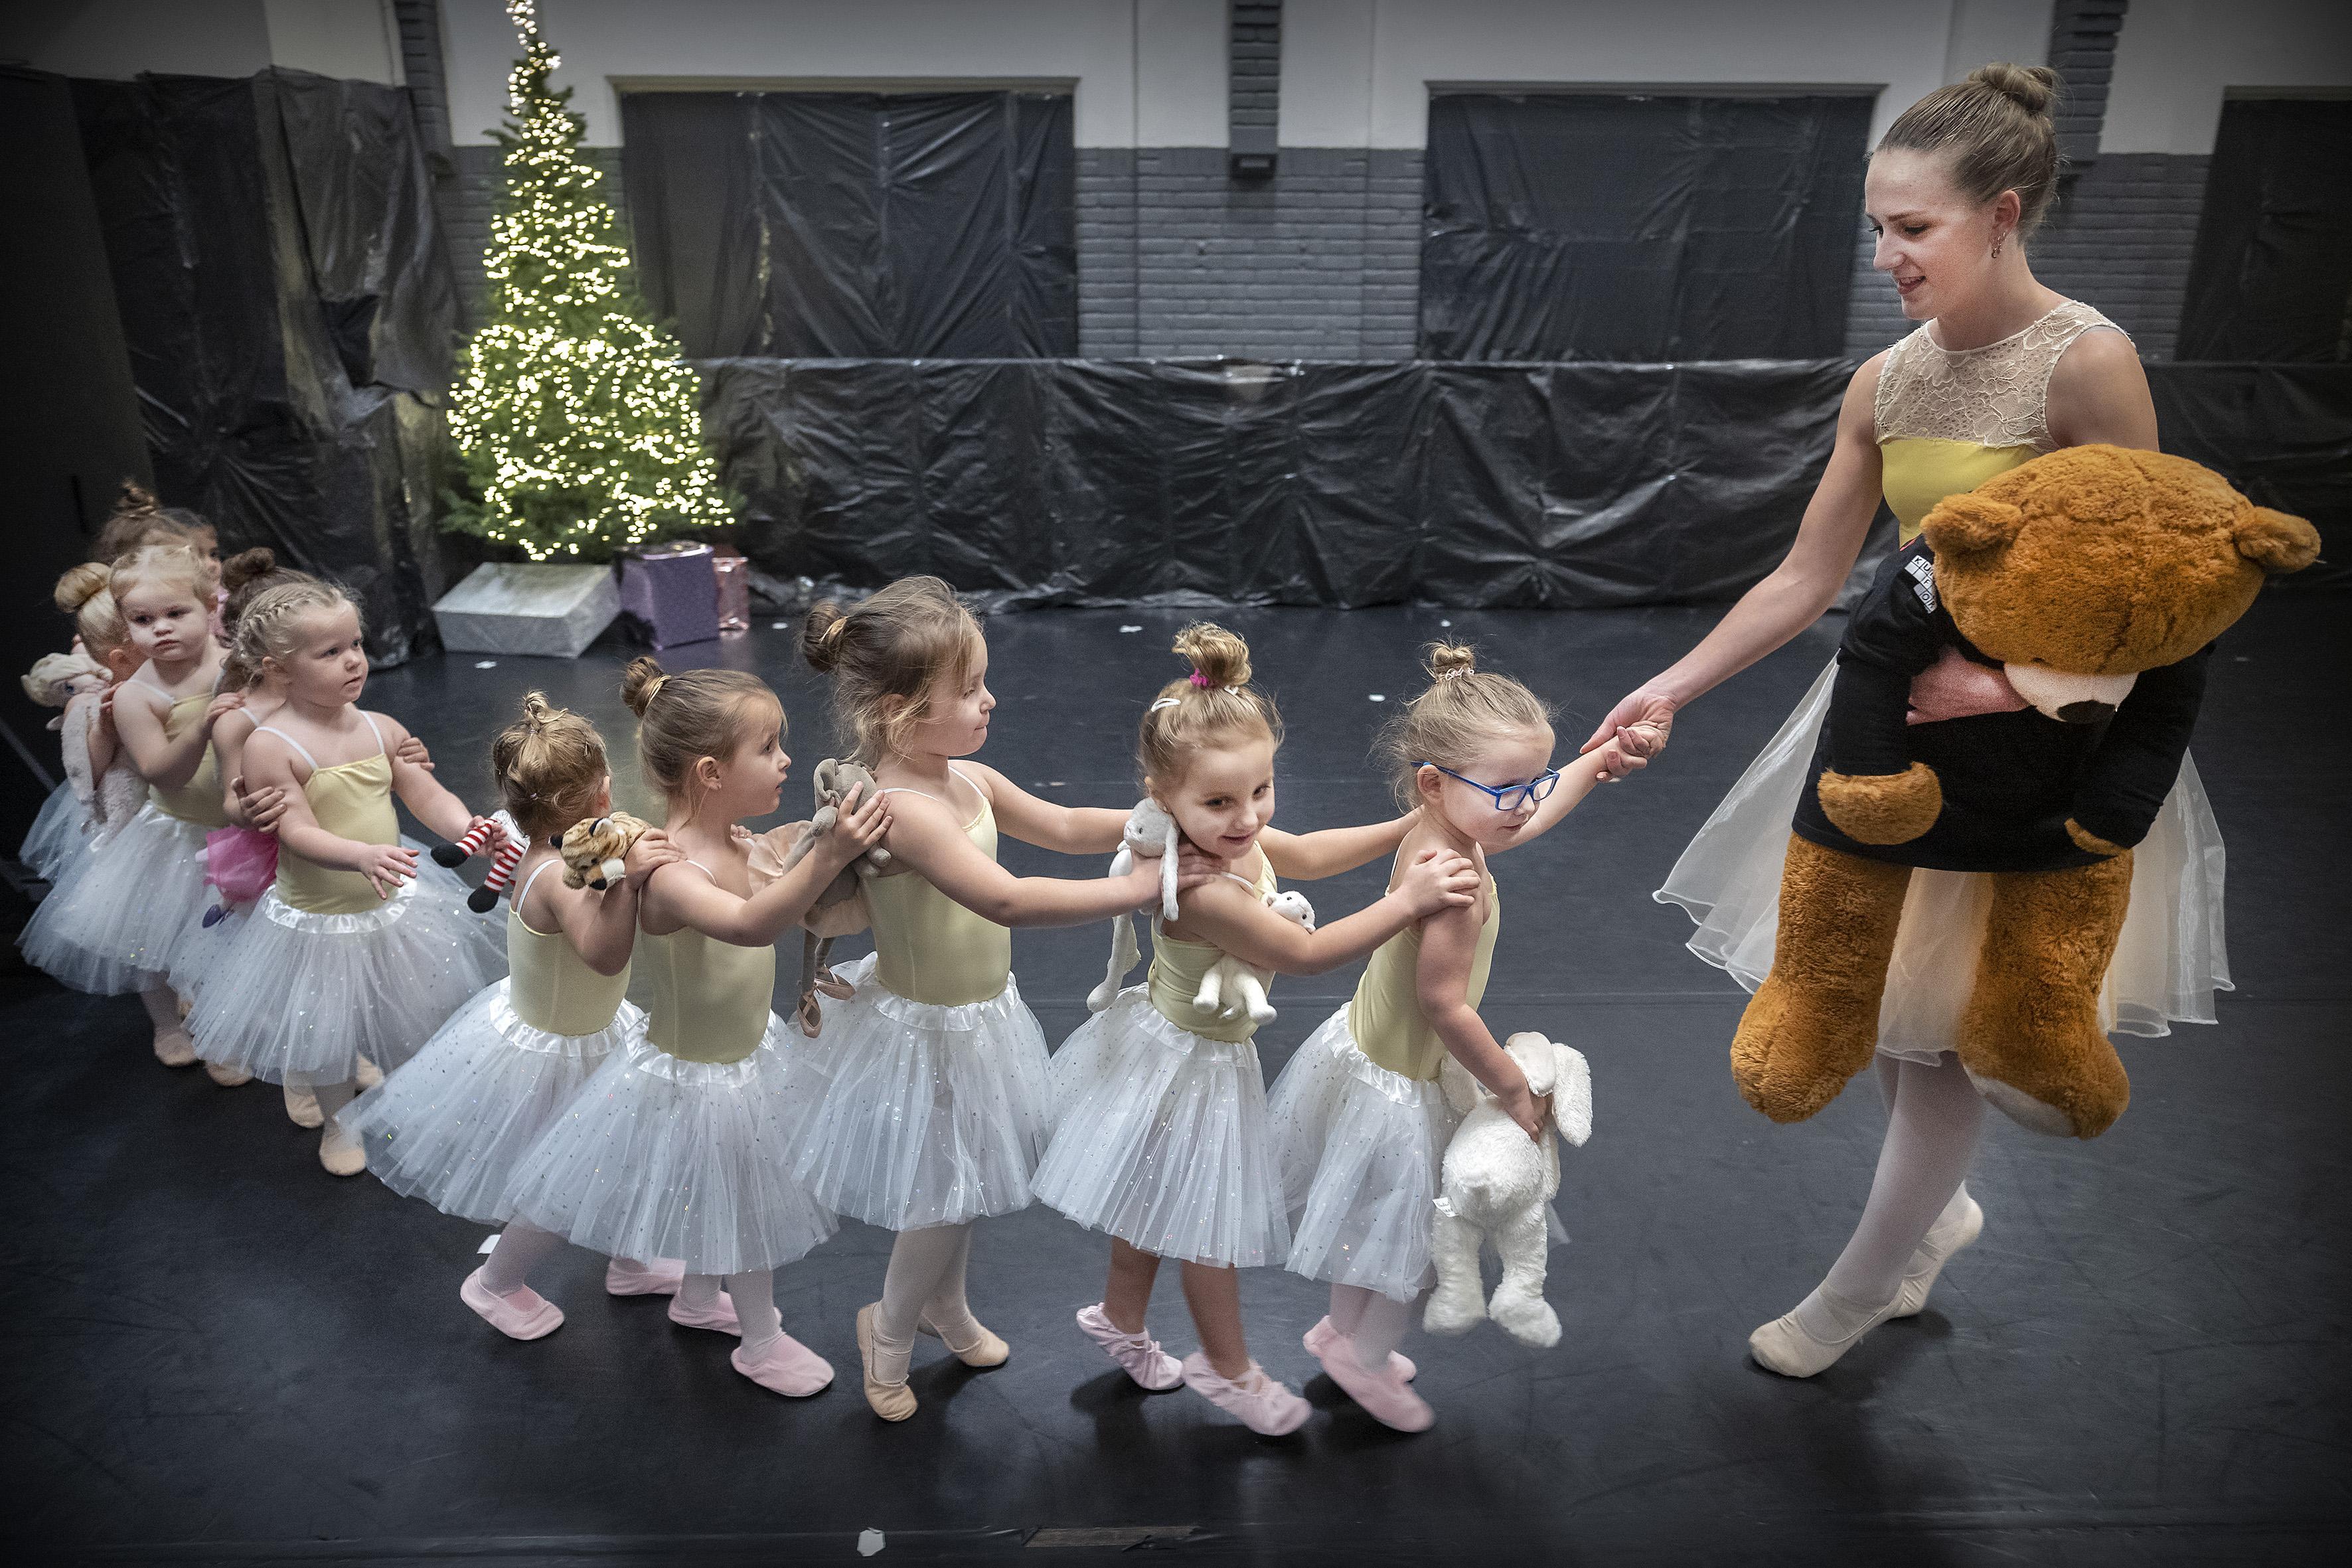 Geen kerstshow van DanceWorks Velsen in de Stadsschouwburg, maar wel een kerstfilm: 'Toch nog een mooie afsluiting'